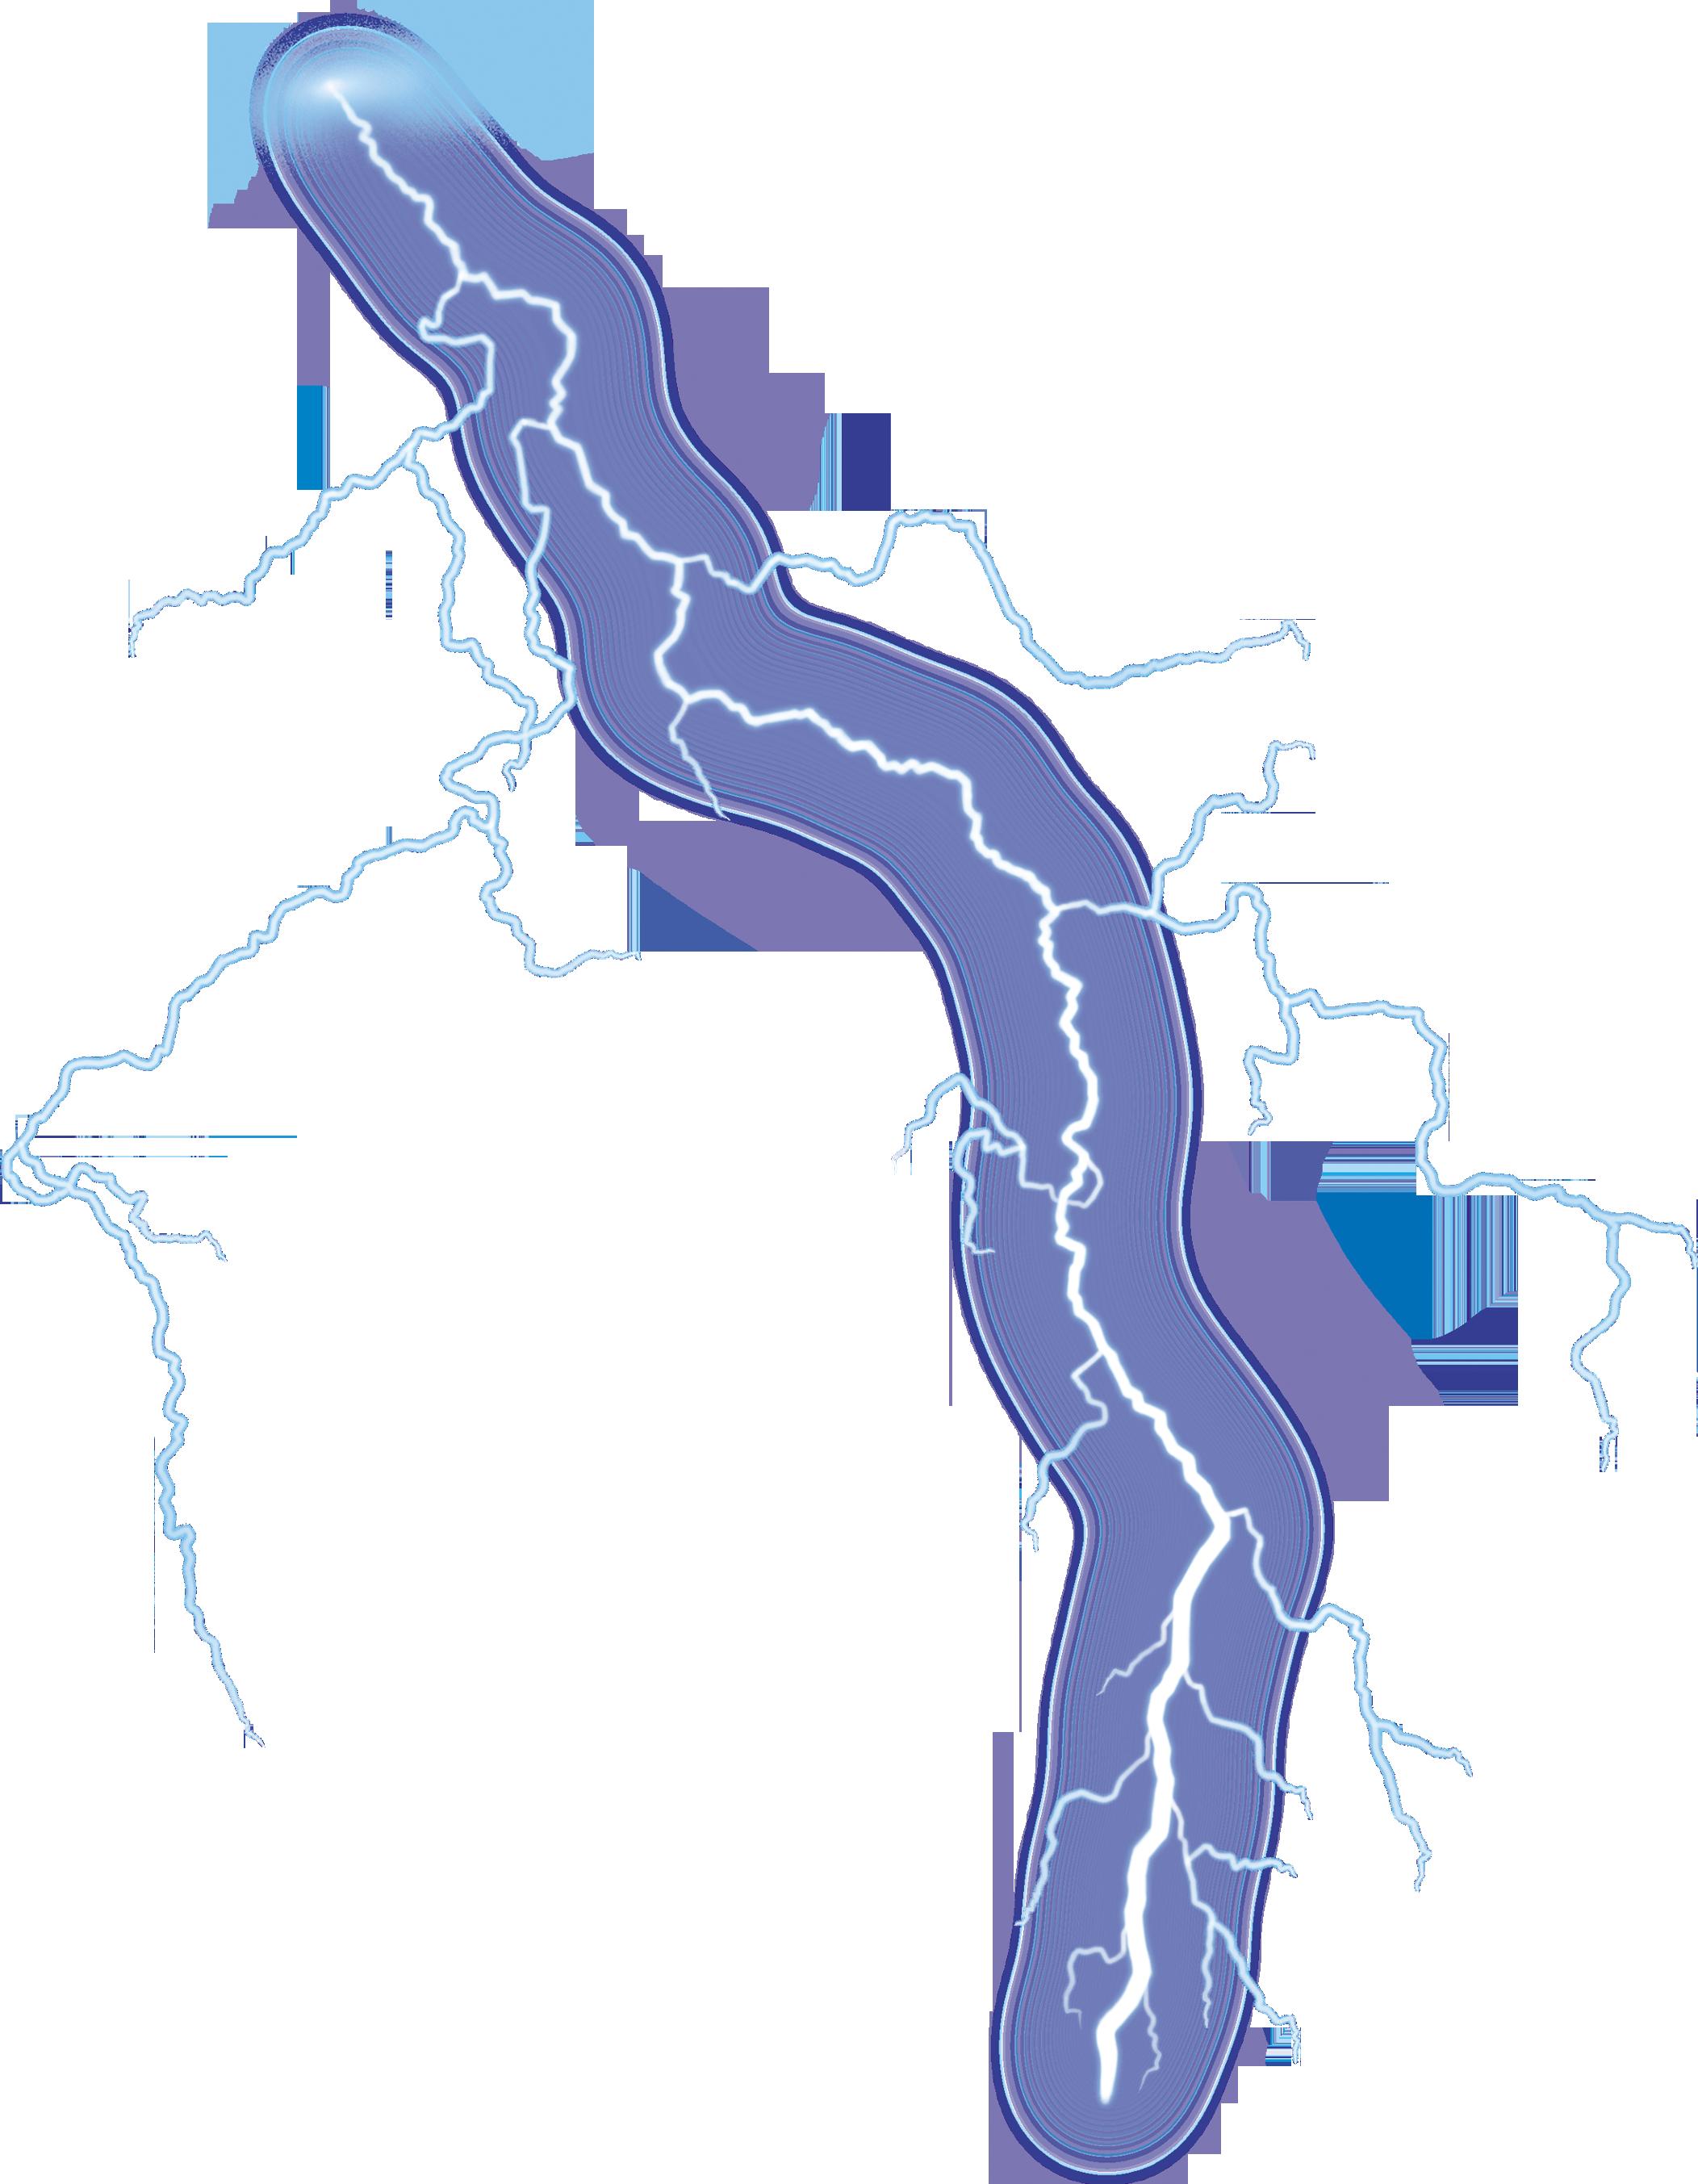 Lightning PNG Image